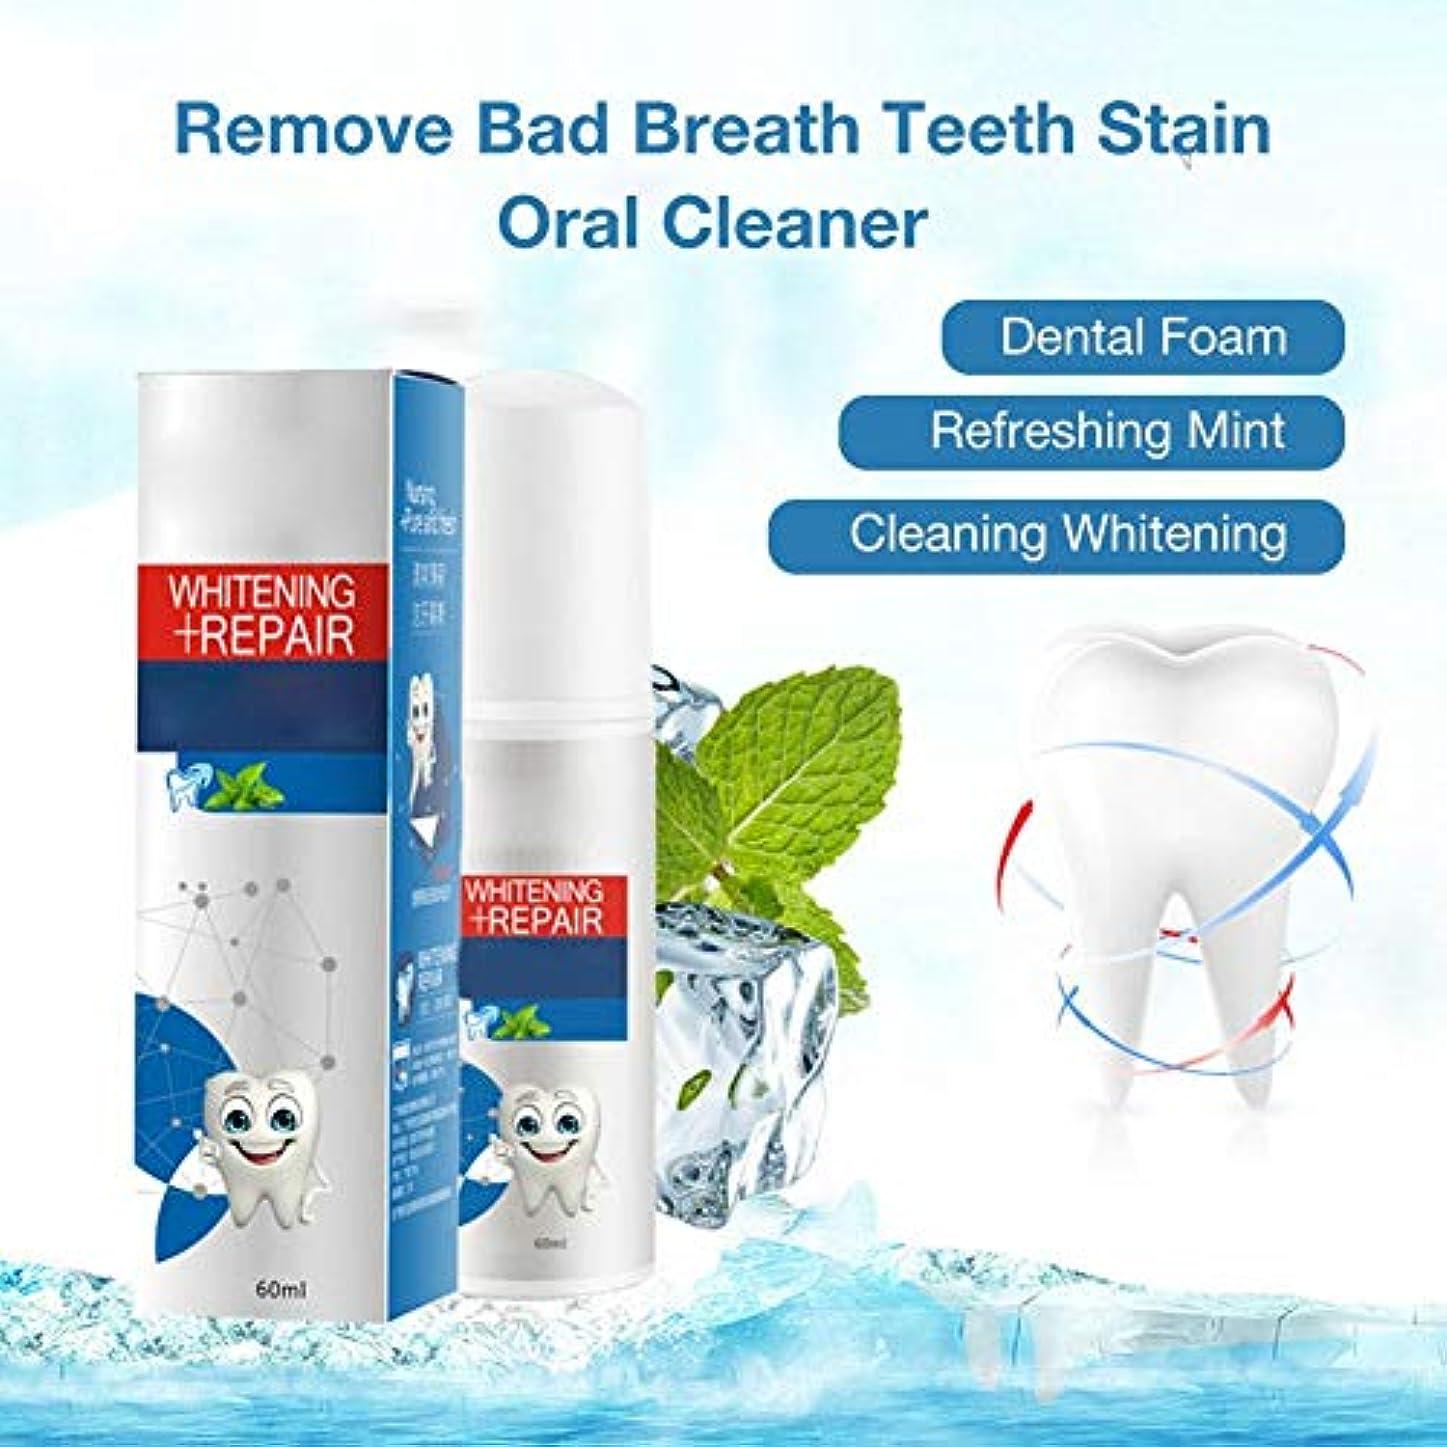 ばか援助するリズム歯科用フォーム液体歯磨 クリアクリーン デンタル 洗口液 ホワイトニング マウスウォッシュ 口内洗浄液 低刺激 60ml 虫歯と戦うために